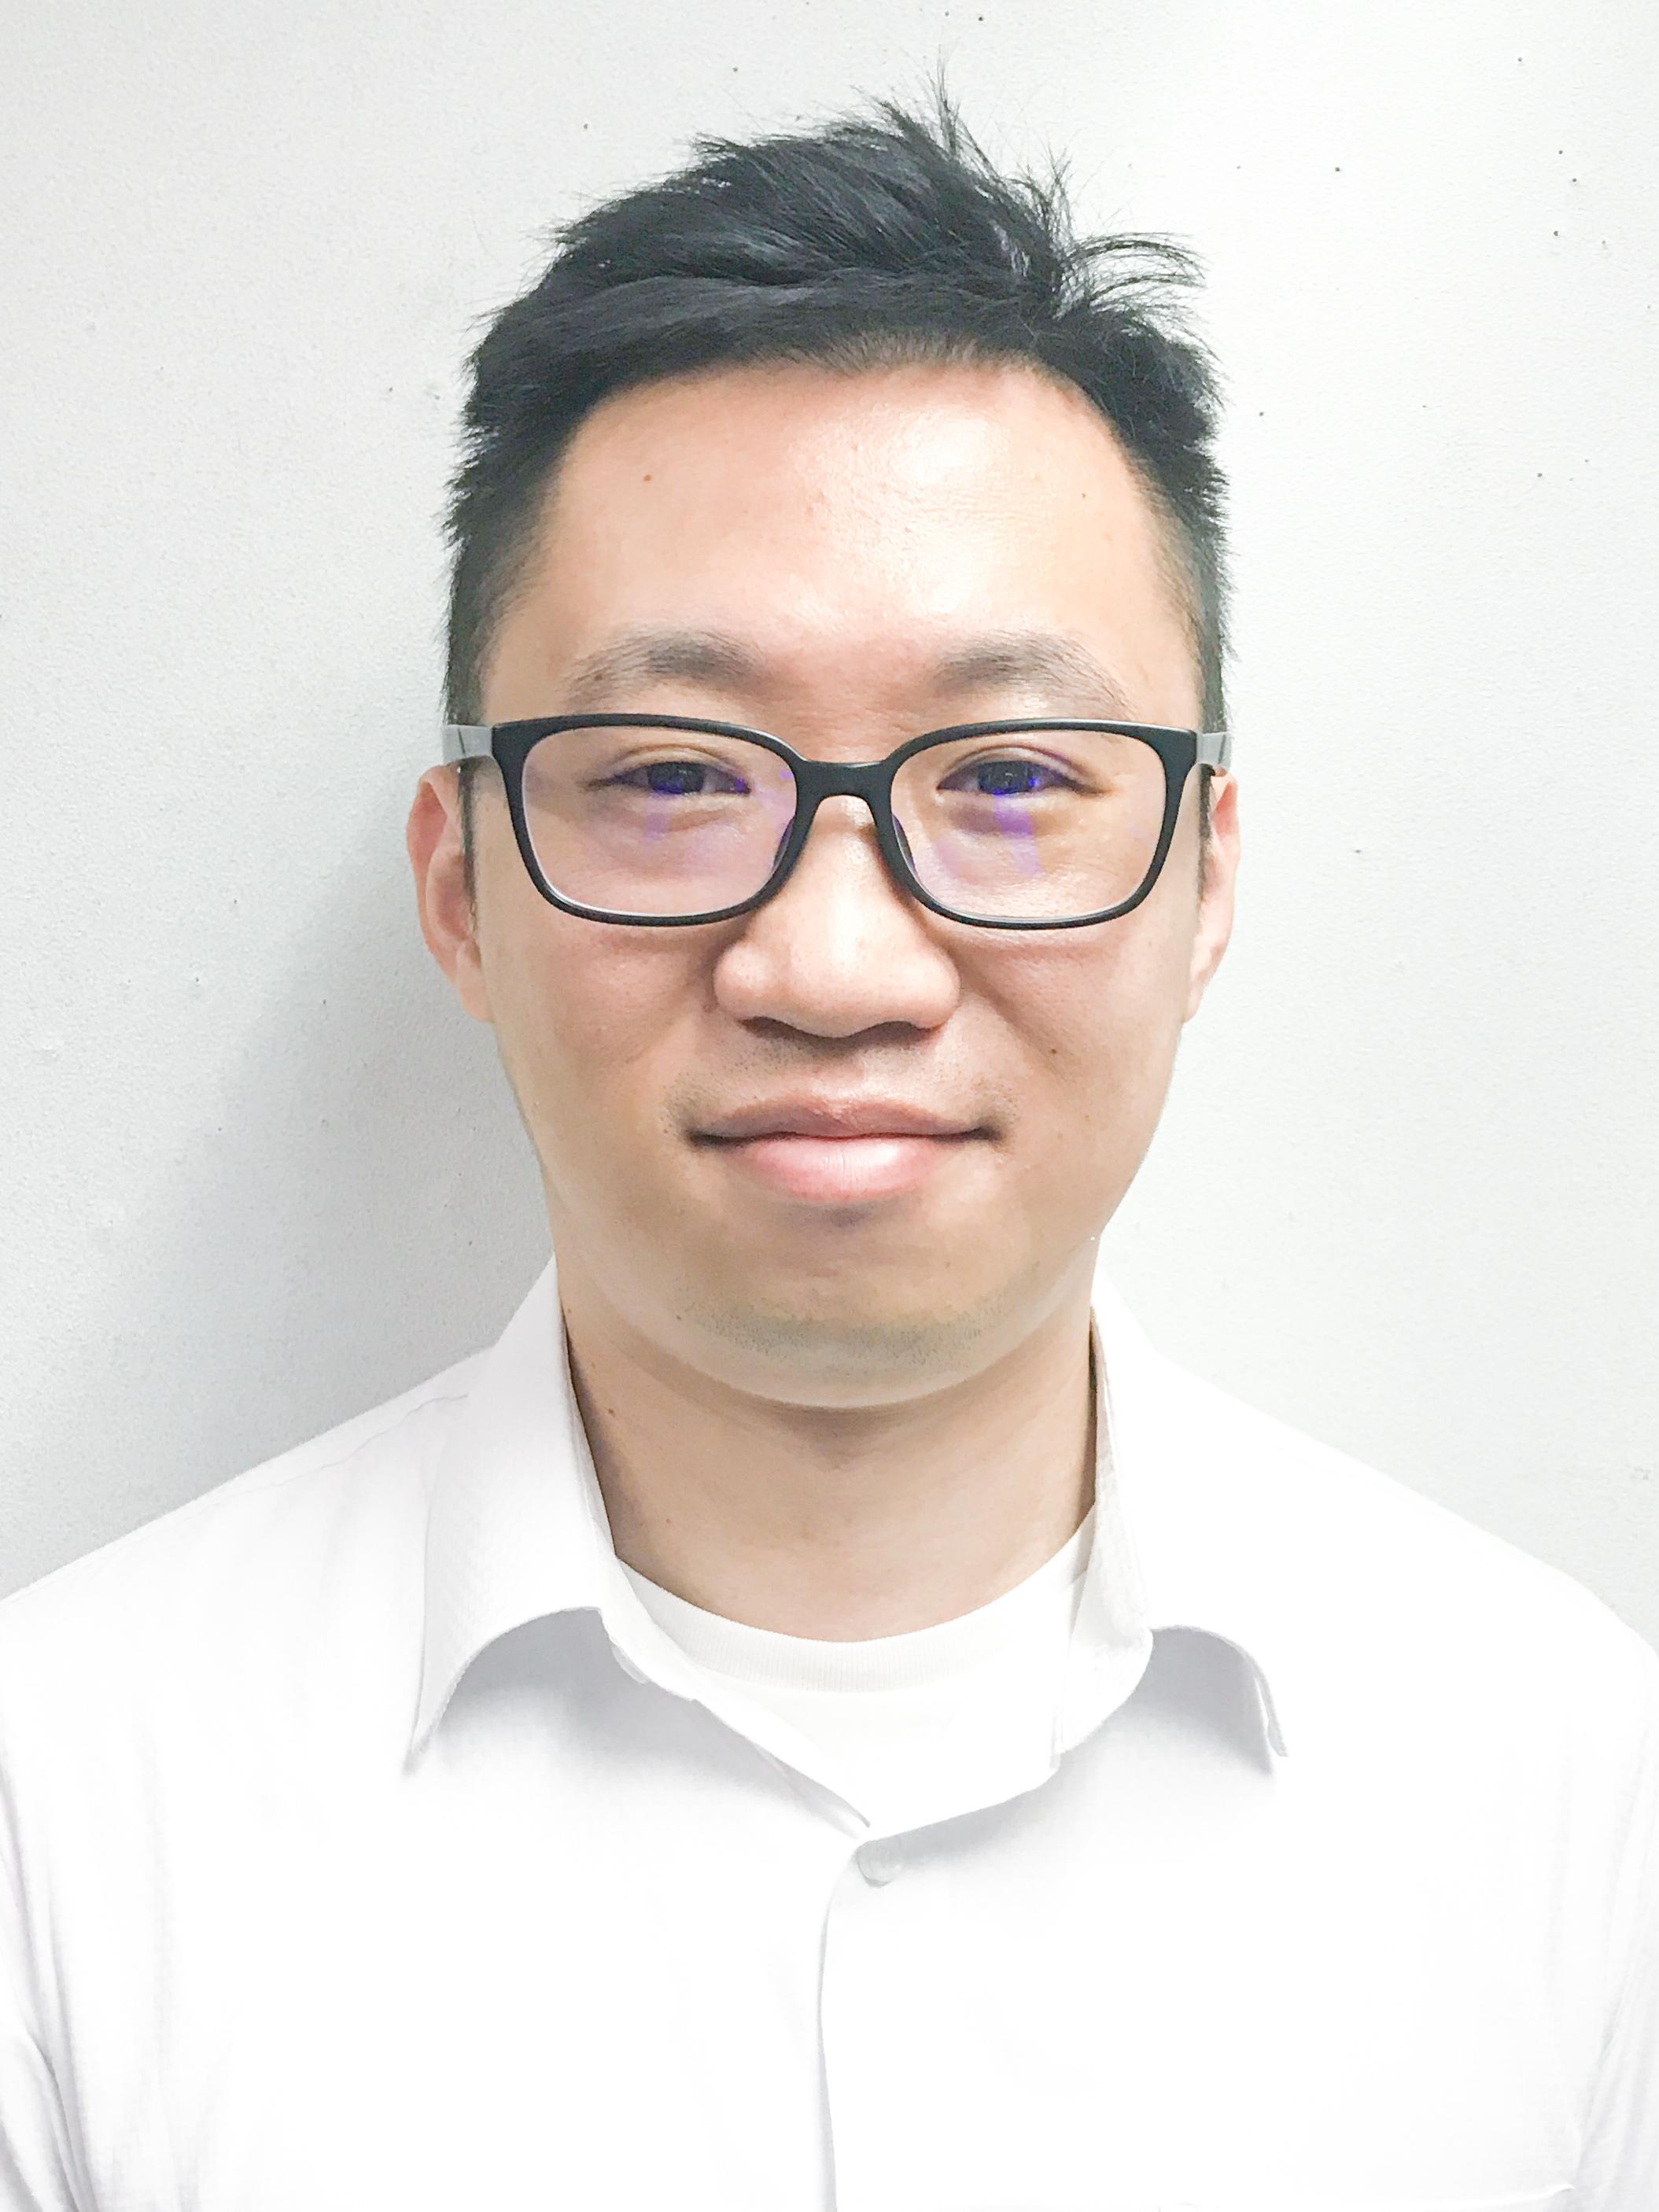 黃家豪先生(Karl Wong)